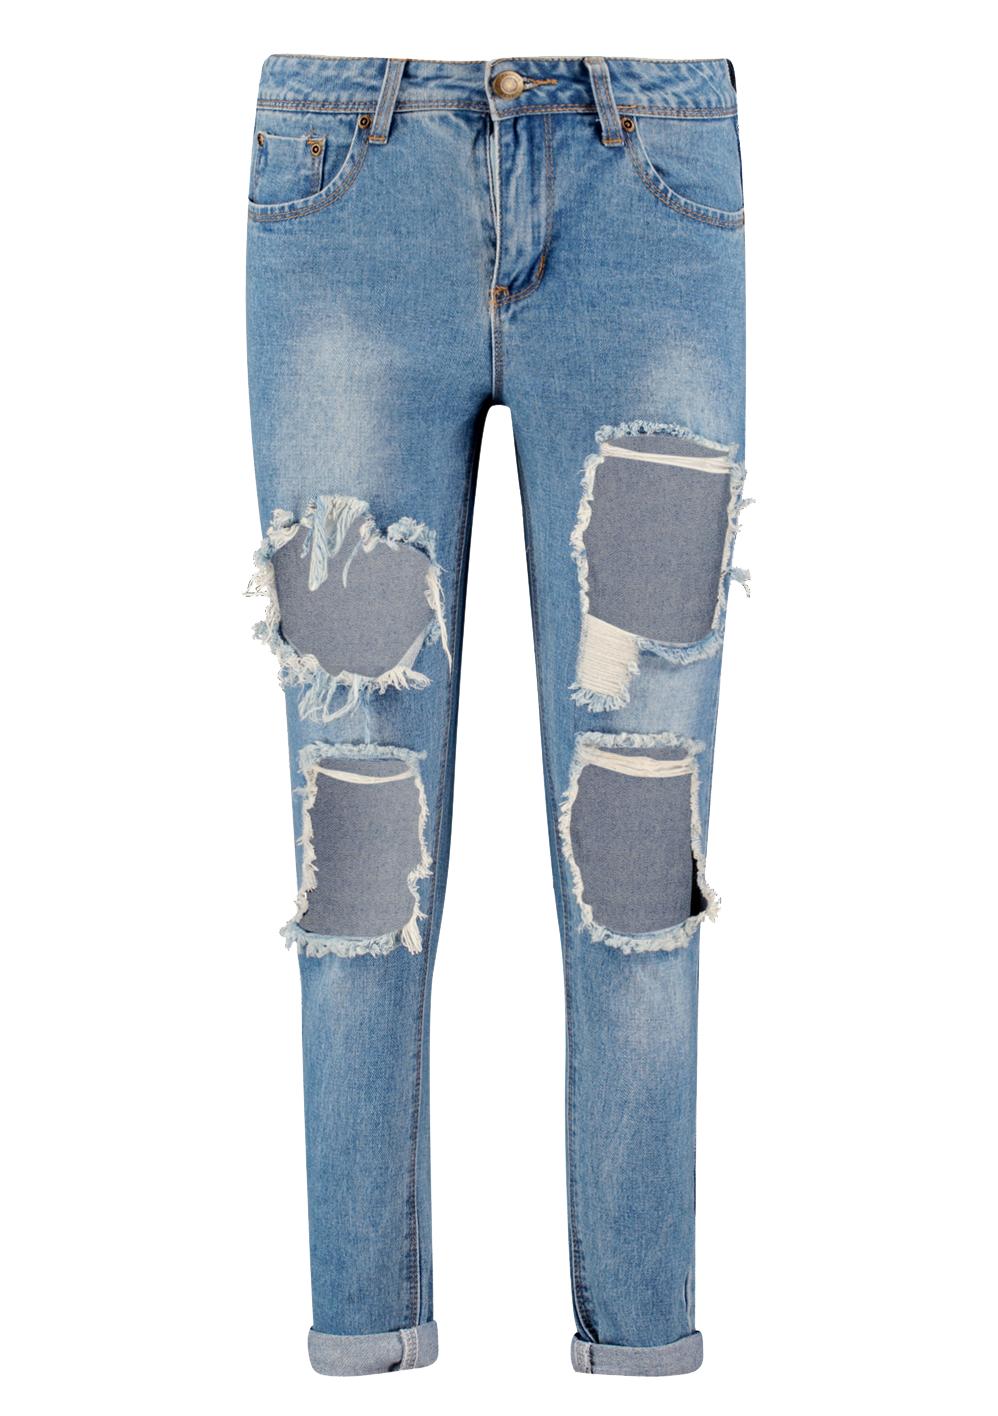 Jenni low rise cheeky rip boyfriend jeans